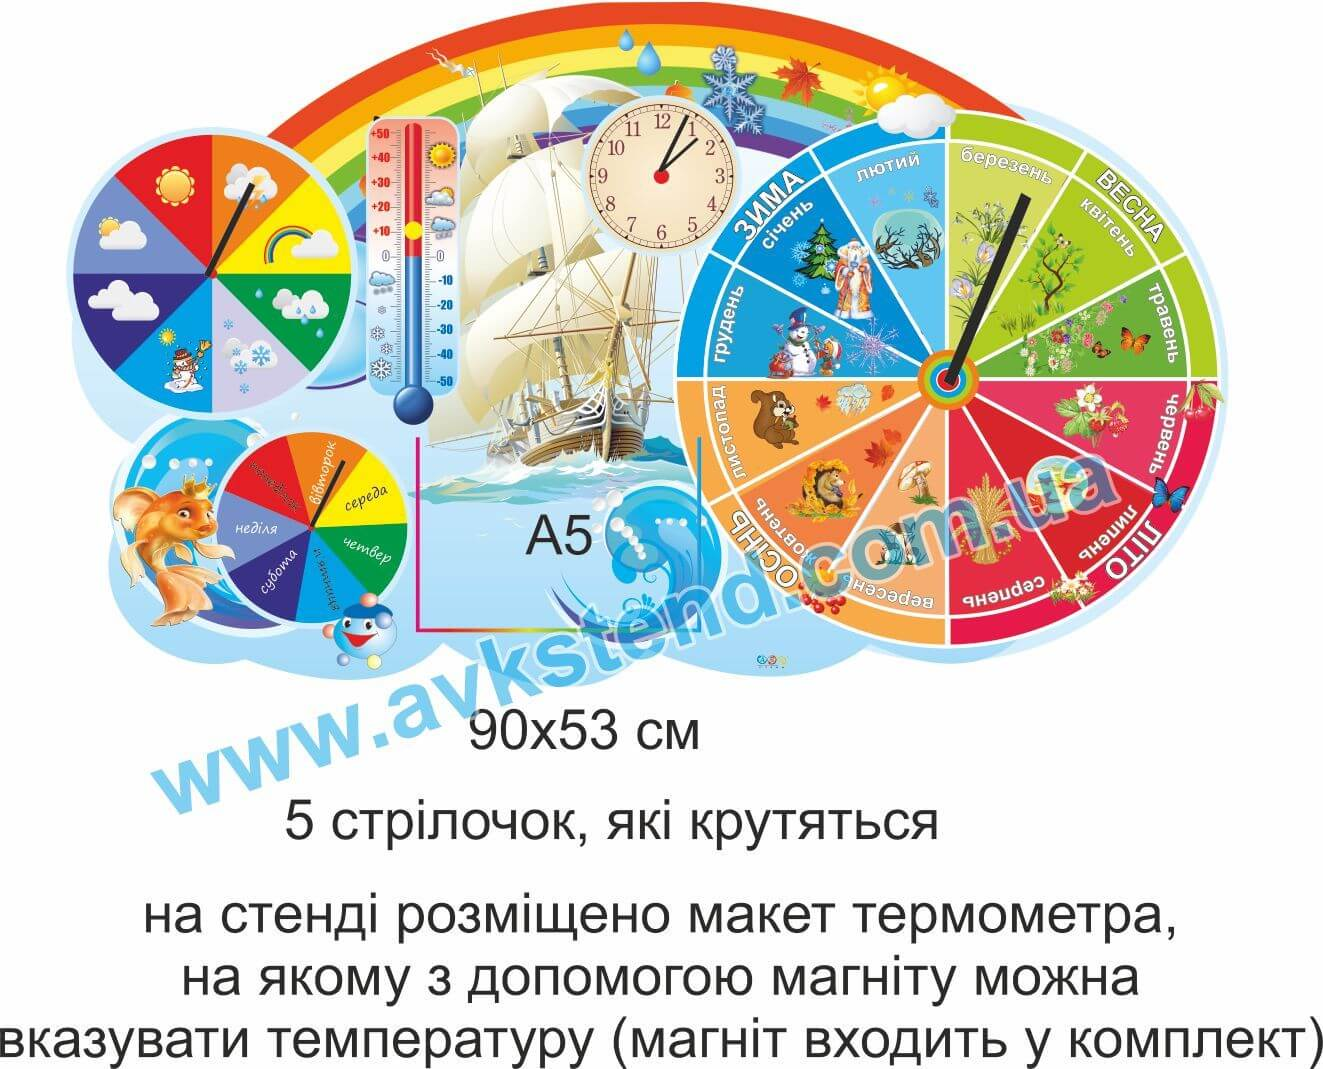 стенди для ДНЗ, стенди для садочка купити, стенди у групу замовити, стенды для ДУЗ, стенды для сада купить, стенды в группу заказать, стенди для дитячого садочка, дитячі посібники, стенды для детского сада, детские пособия, Україна, Украина, куточок природи, календар погоди, стенд, стенд для садочка, уголок природы, календарь погоды, стенд, стенд для сада, Україна, Украина,